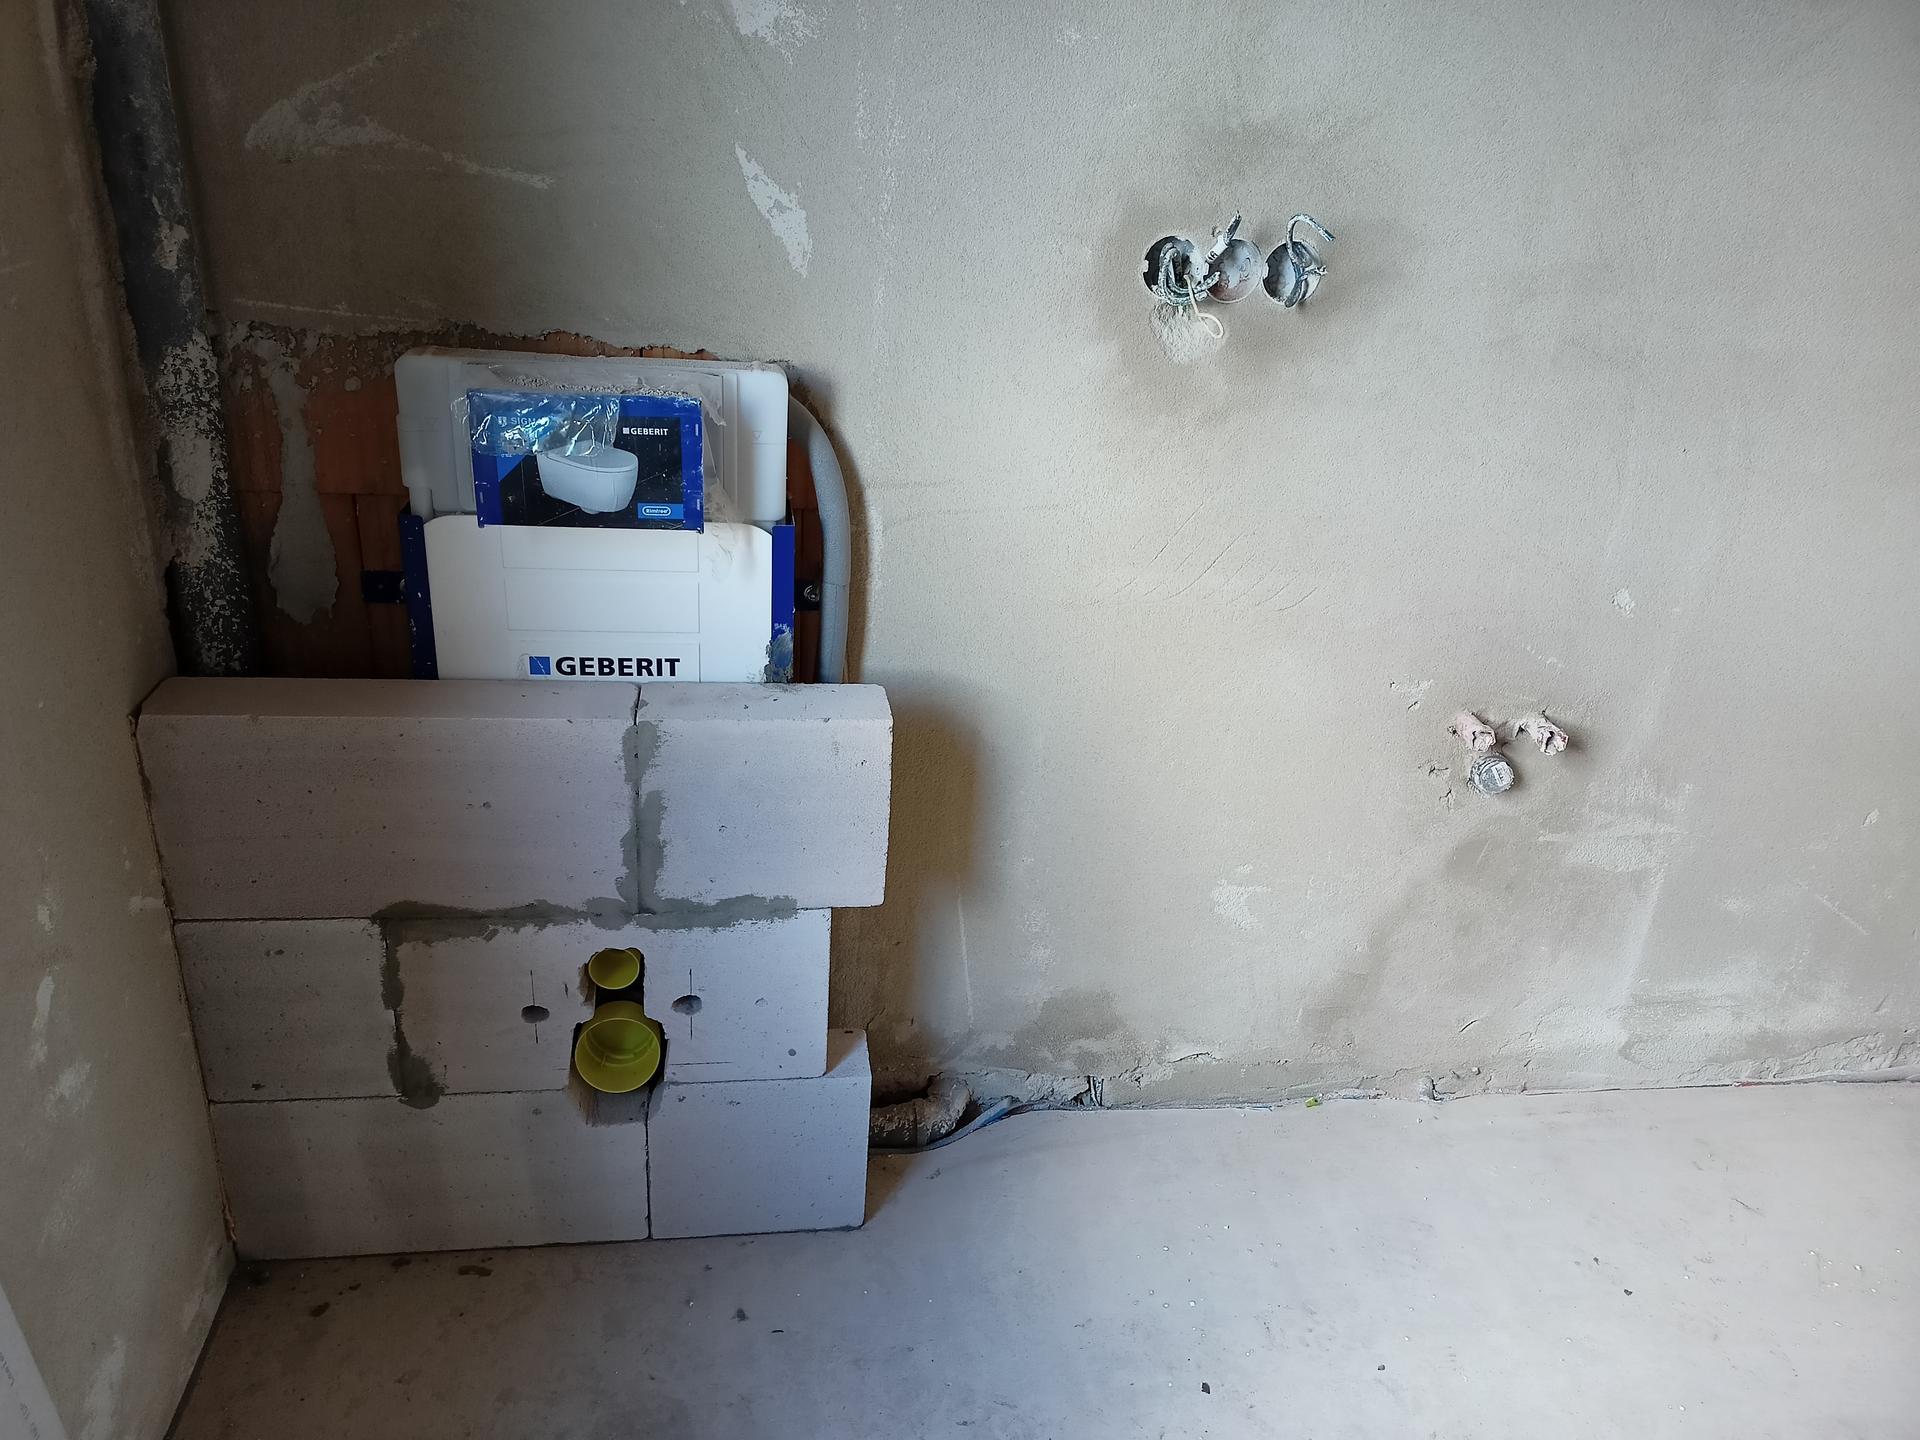 Naše doma - Obezdívka Geberit podkrovní koupelna